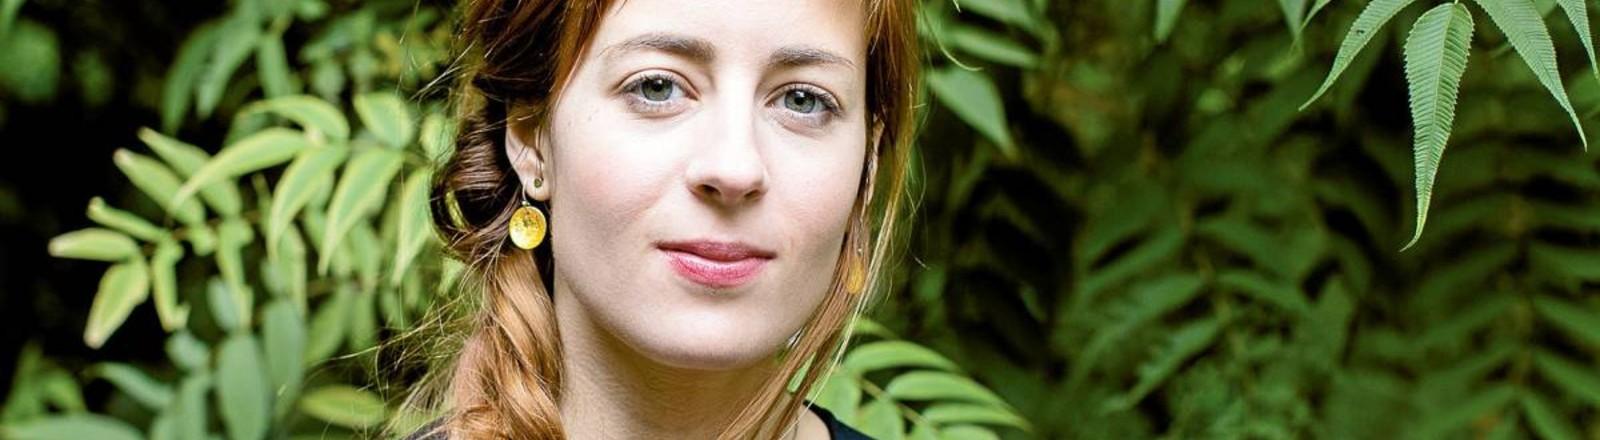 Die Autorin Leona Stahlmann.